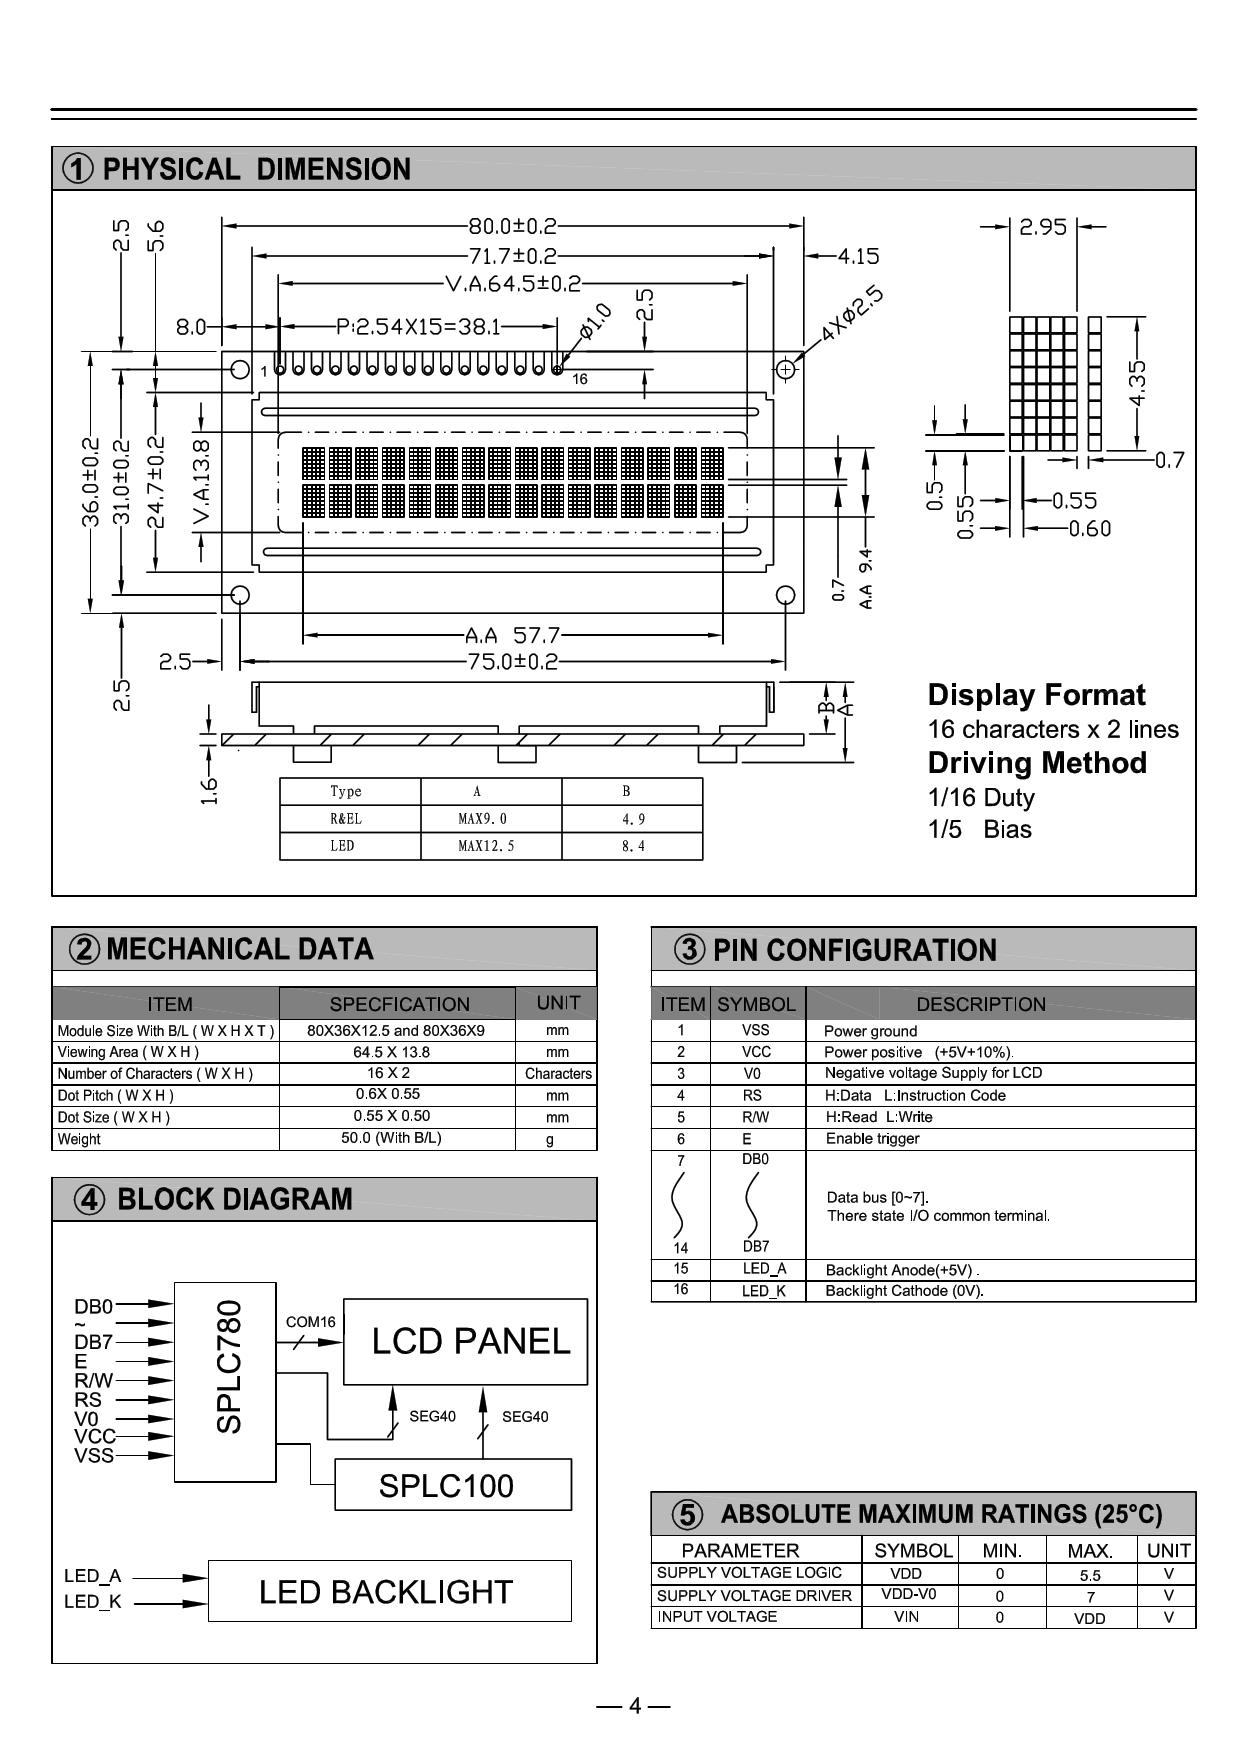 J13007-2 DATASHEET PDF